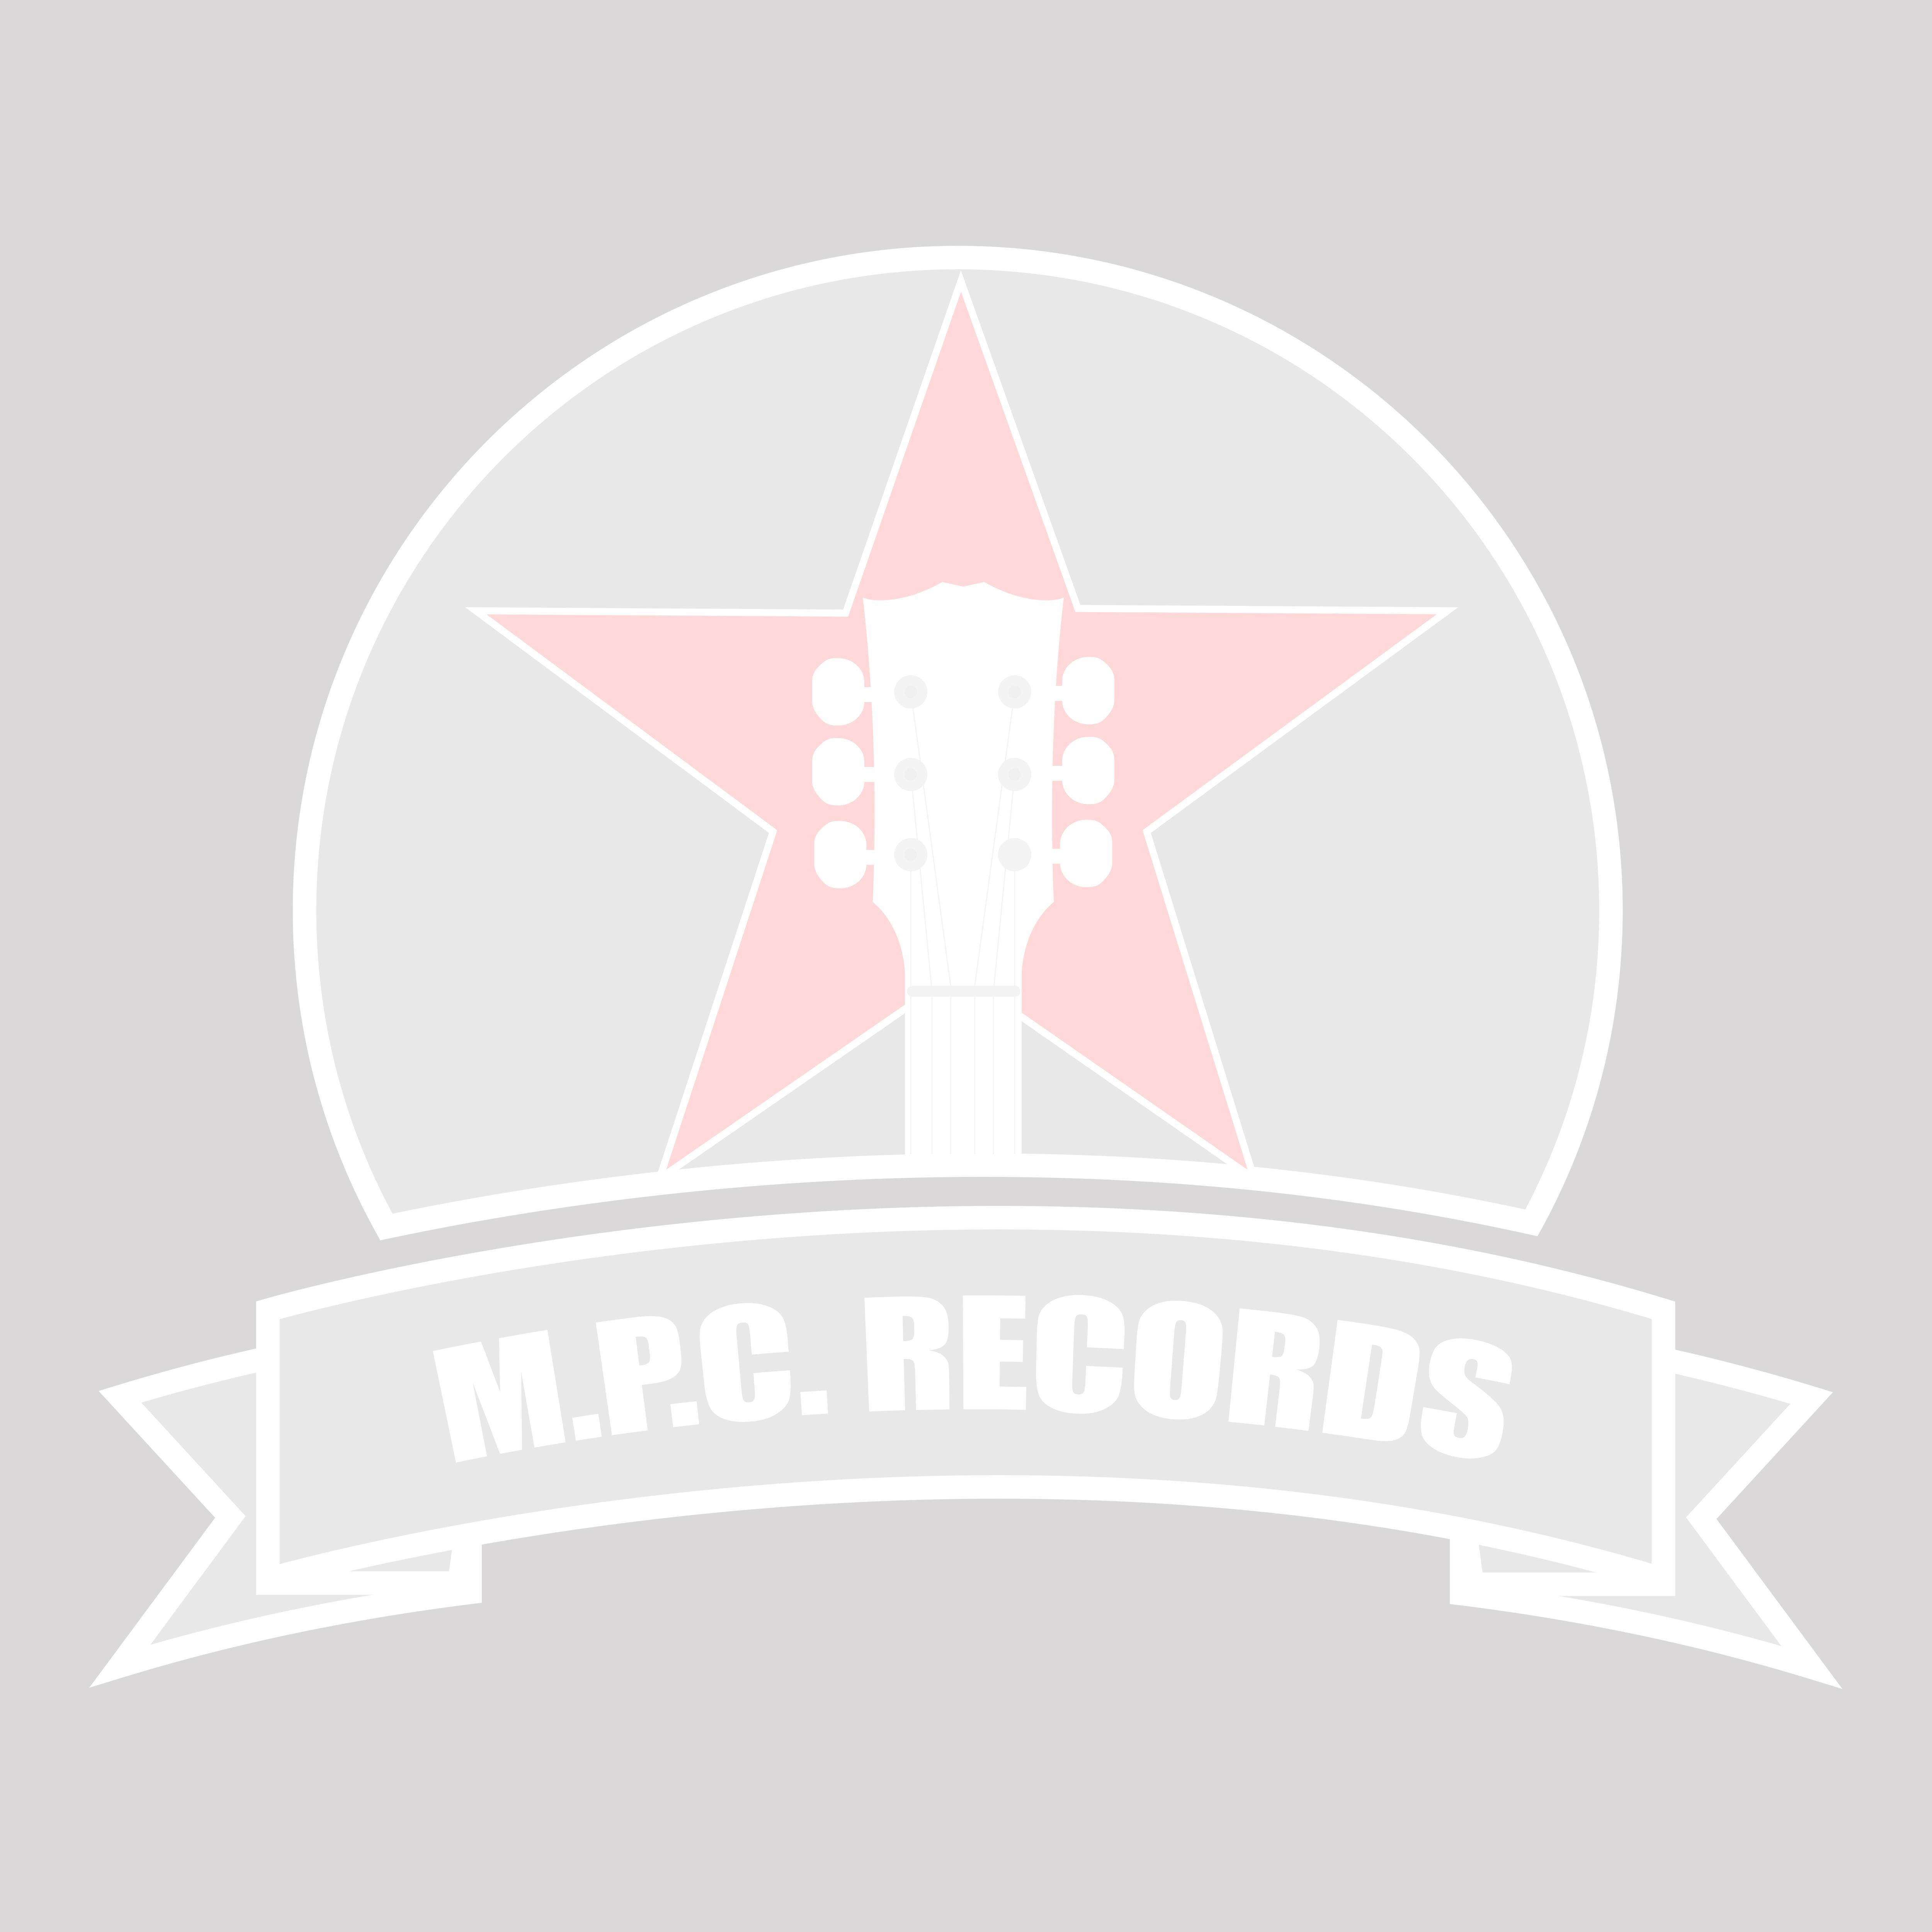 MPC Records